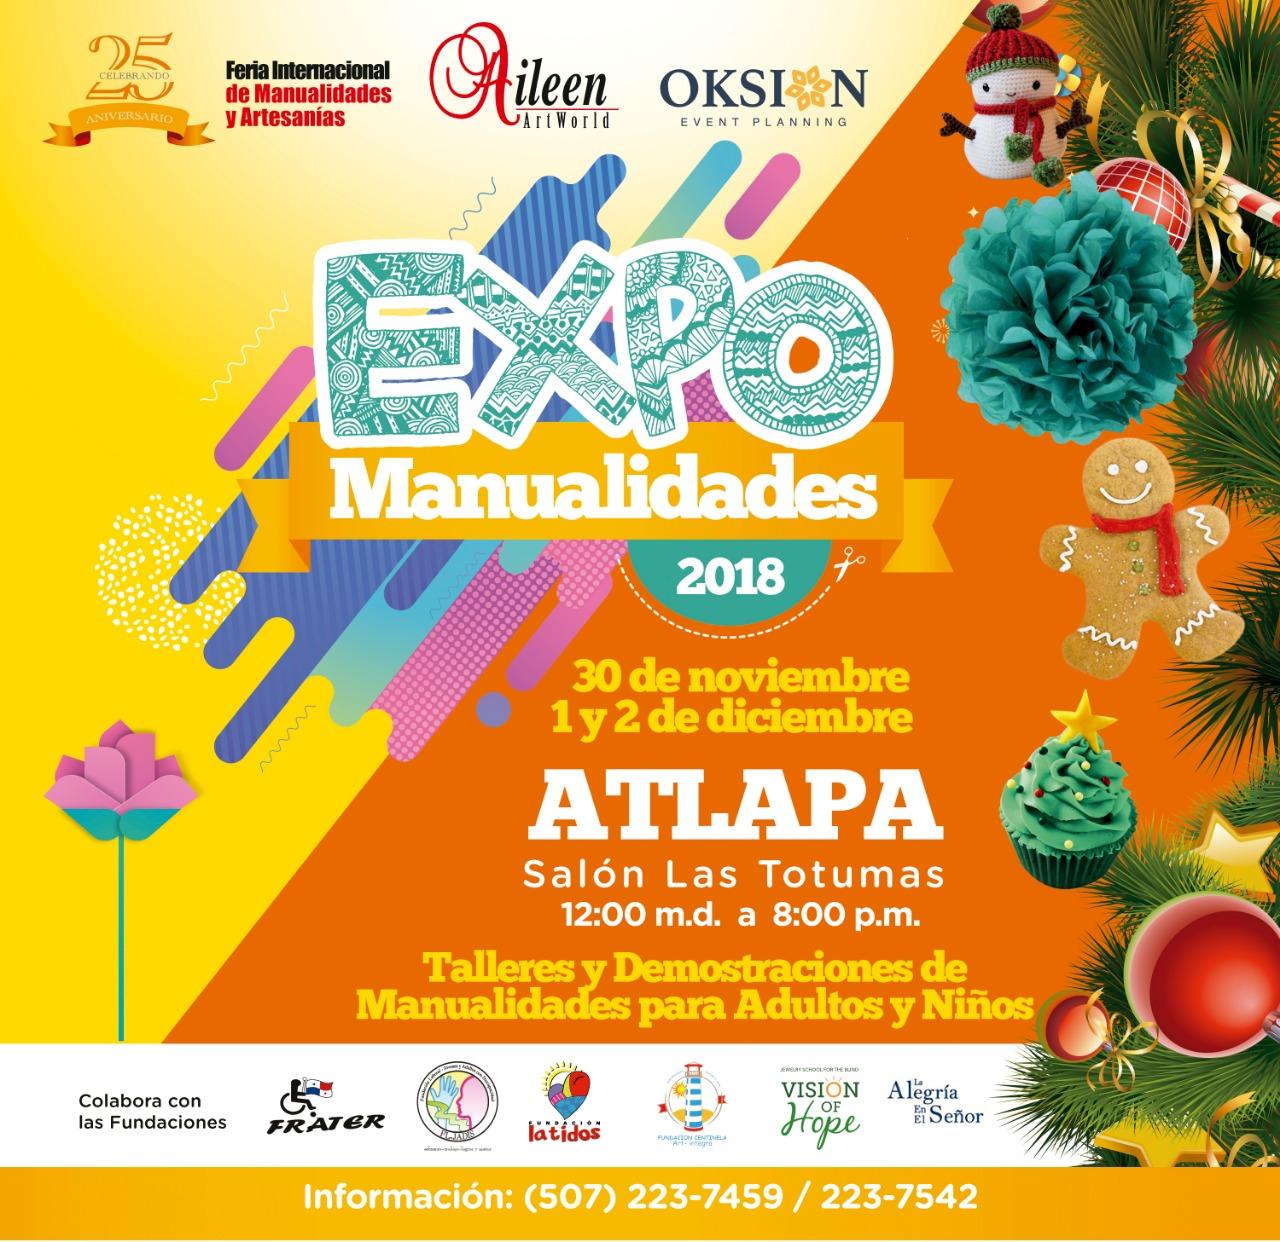 Expo Manualidades 2018 celebra 30 años con 200 artesanos